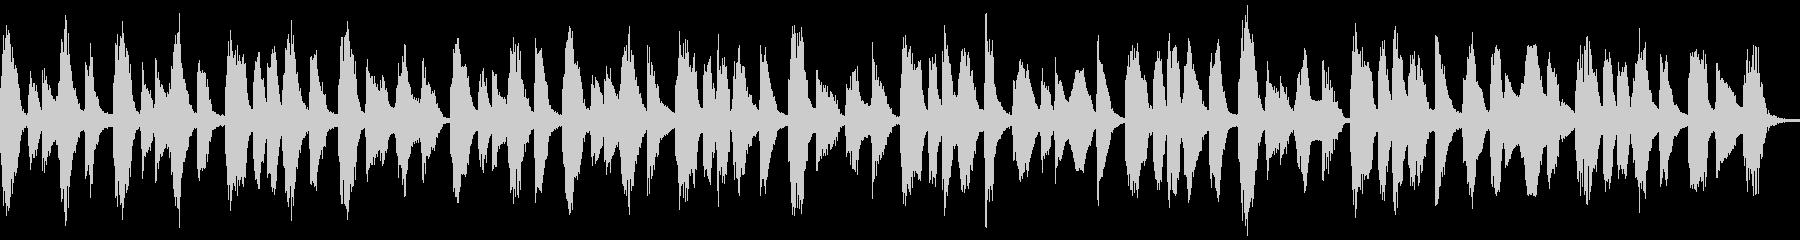 シンプルでメロディーのある、ポジテ...の未再生の波形